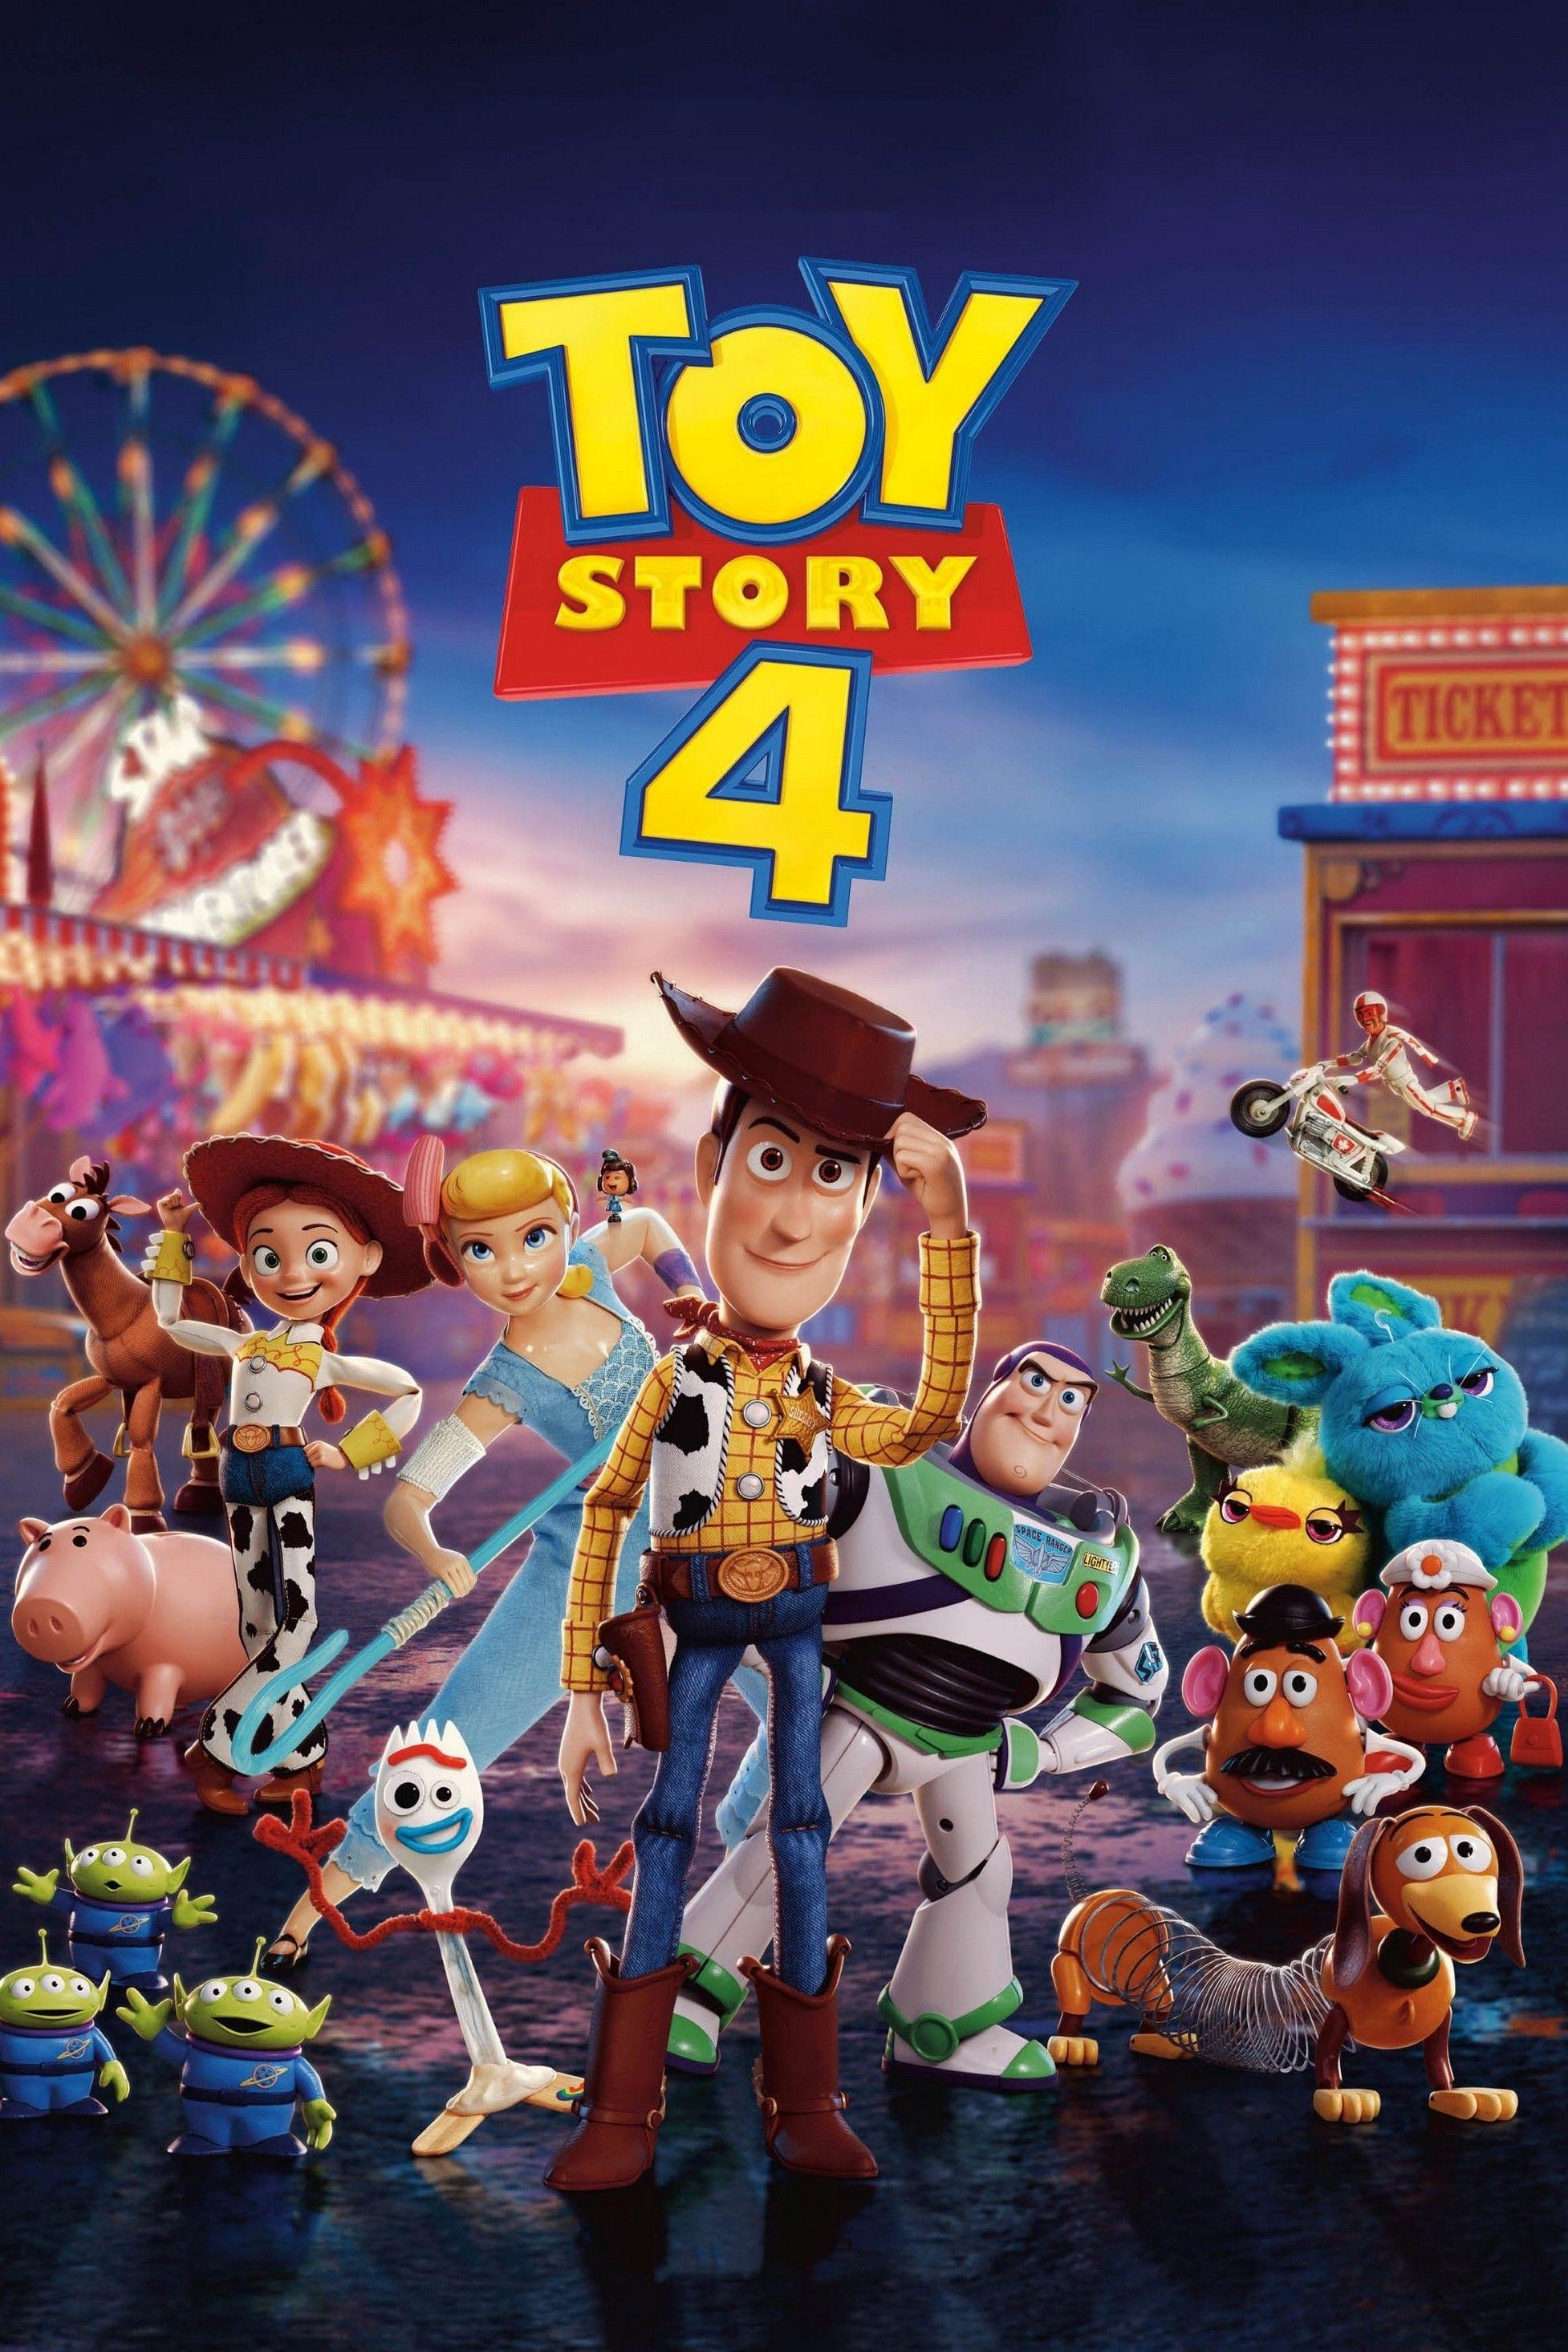 Película De Toy Story 4 Completa En Español Para Descargar Pelicula Toy Story Toy Story Películas Completas